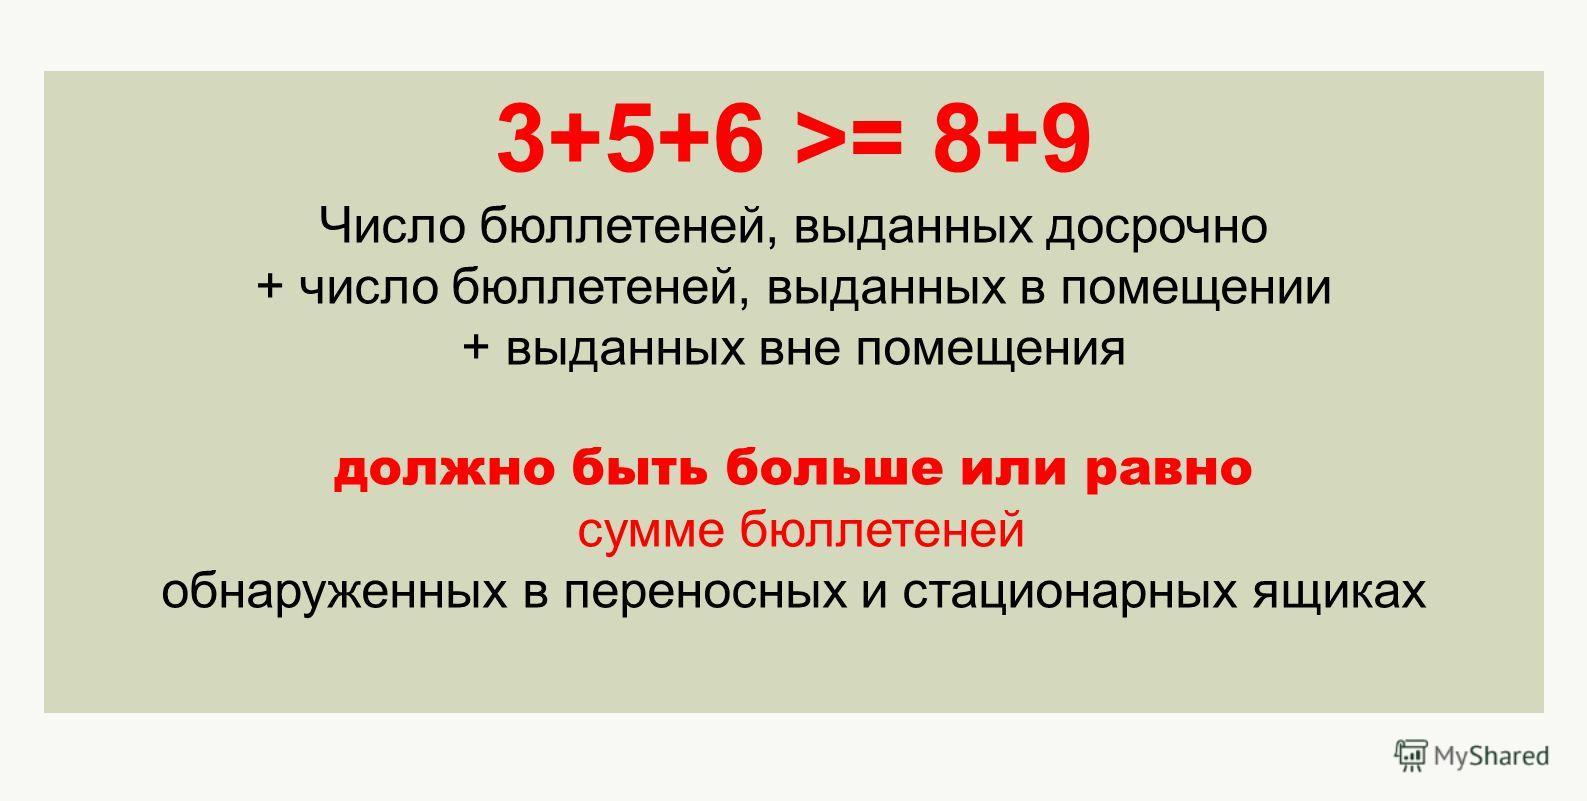 3+5+6 >= 8+9 Число бюллетеней, выданных досрочно + число бюллетеней, выданных в помещении + выданных вне помещения должно быть больше или равно сумме бюллетеней обнаруженных в переносных и стационарных ящиках